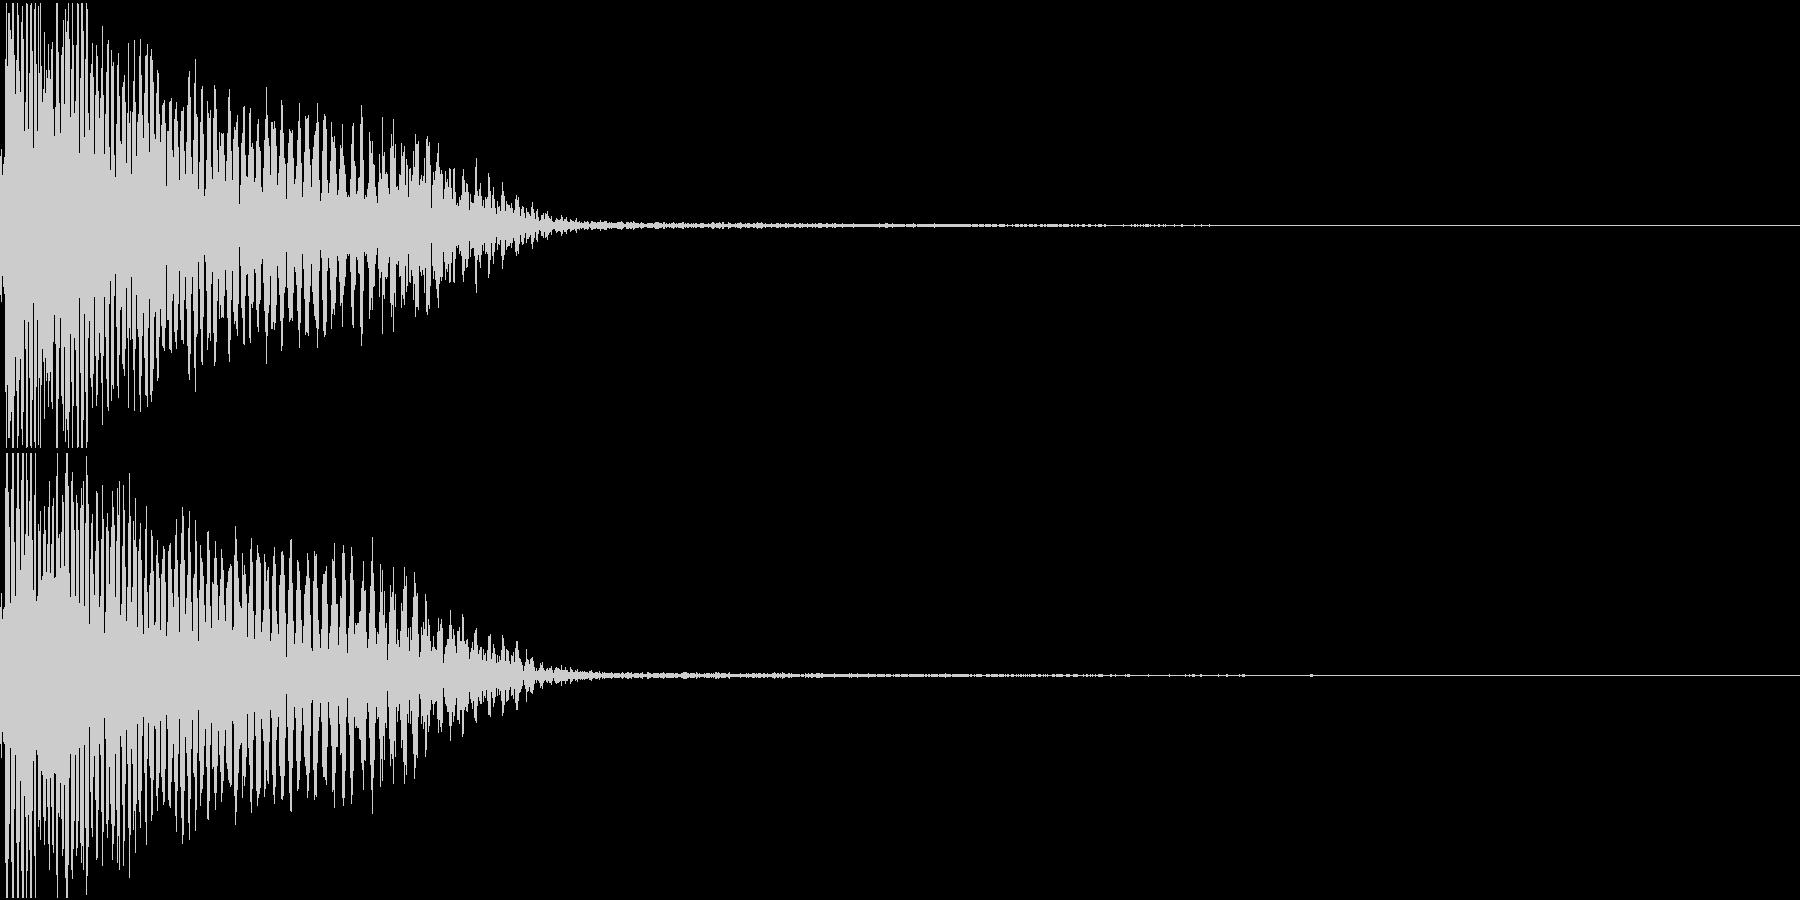 InvaderBuzz 発砲音 25の未再生の波形